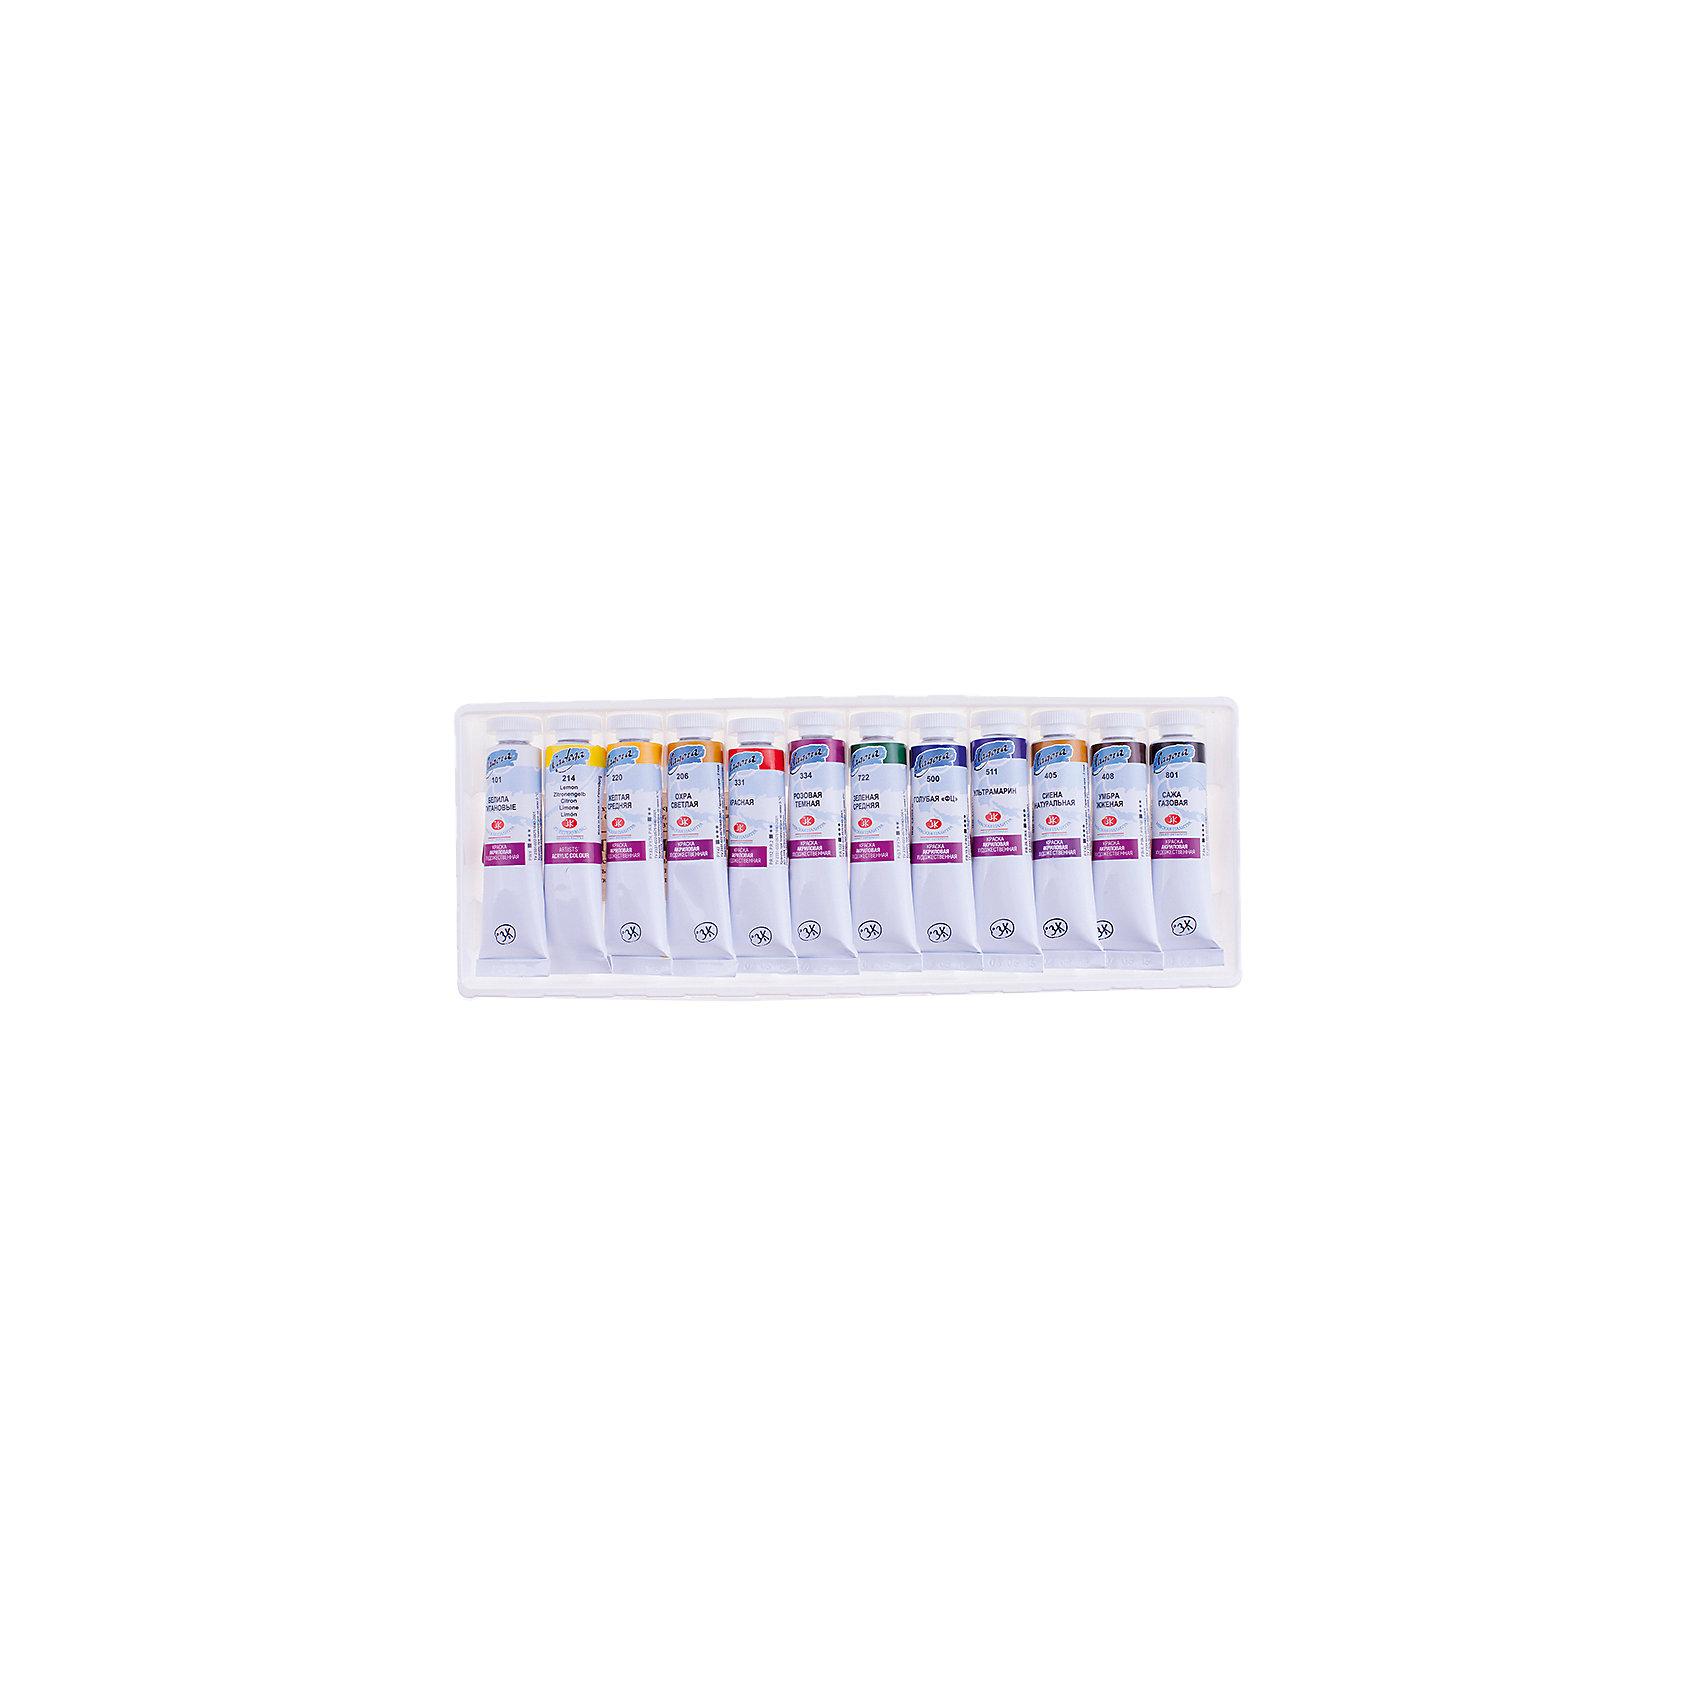 Краски акриловые 12цветов 18мл/туба Ладога от myToys